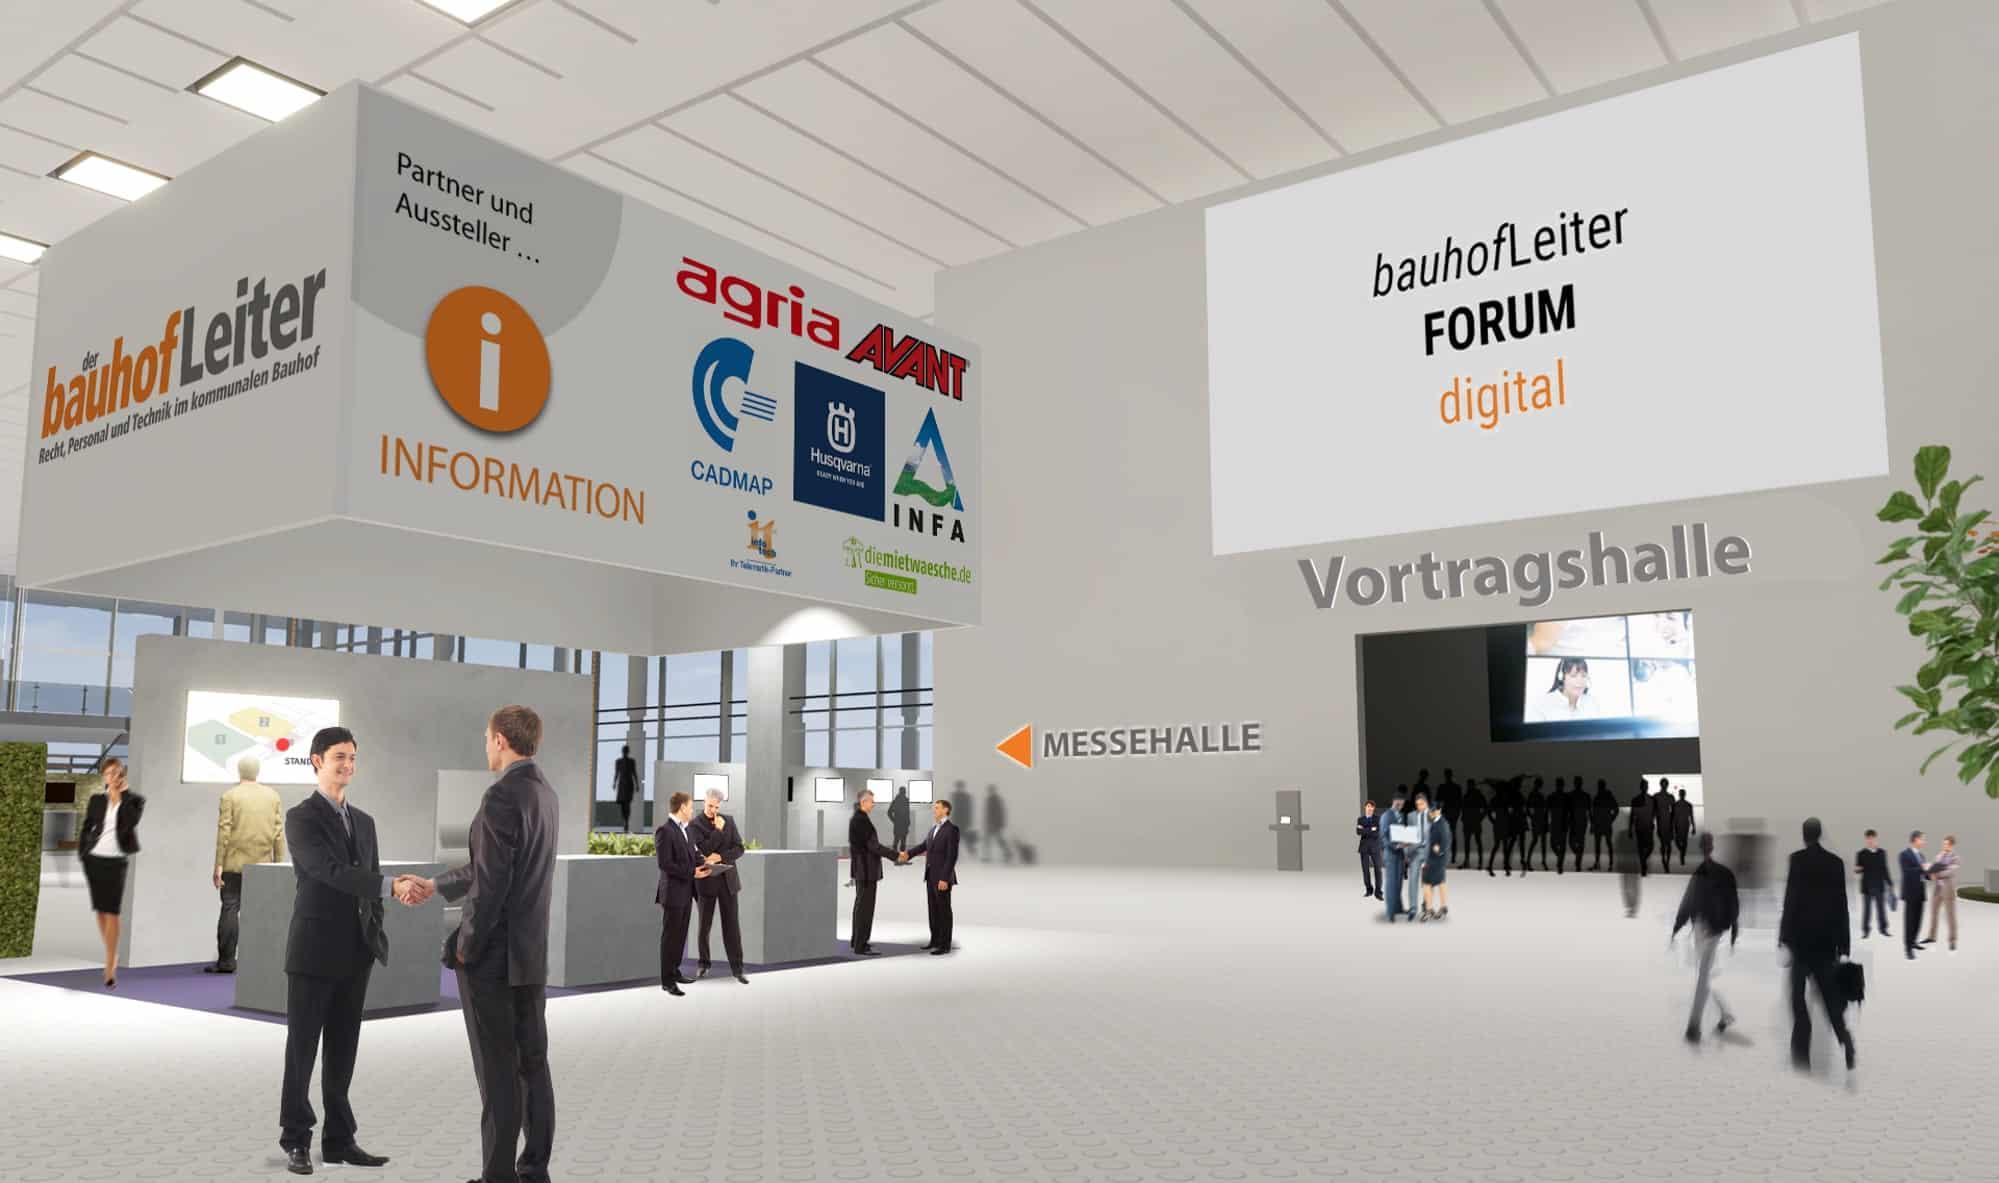 Nachbericht bauhofLeiterFORUM digital 2020 – Der digitale Branchentreff